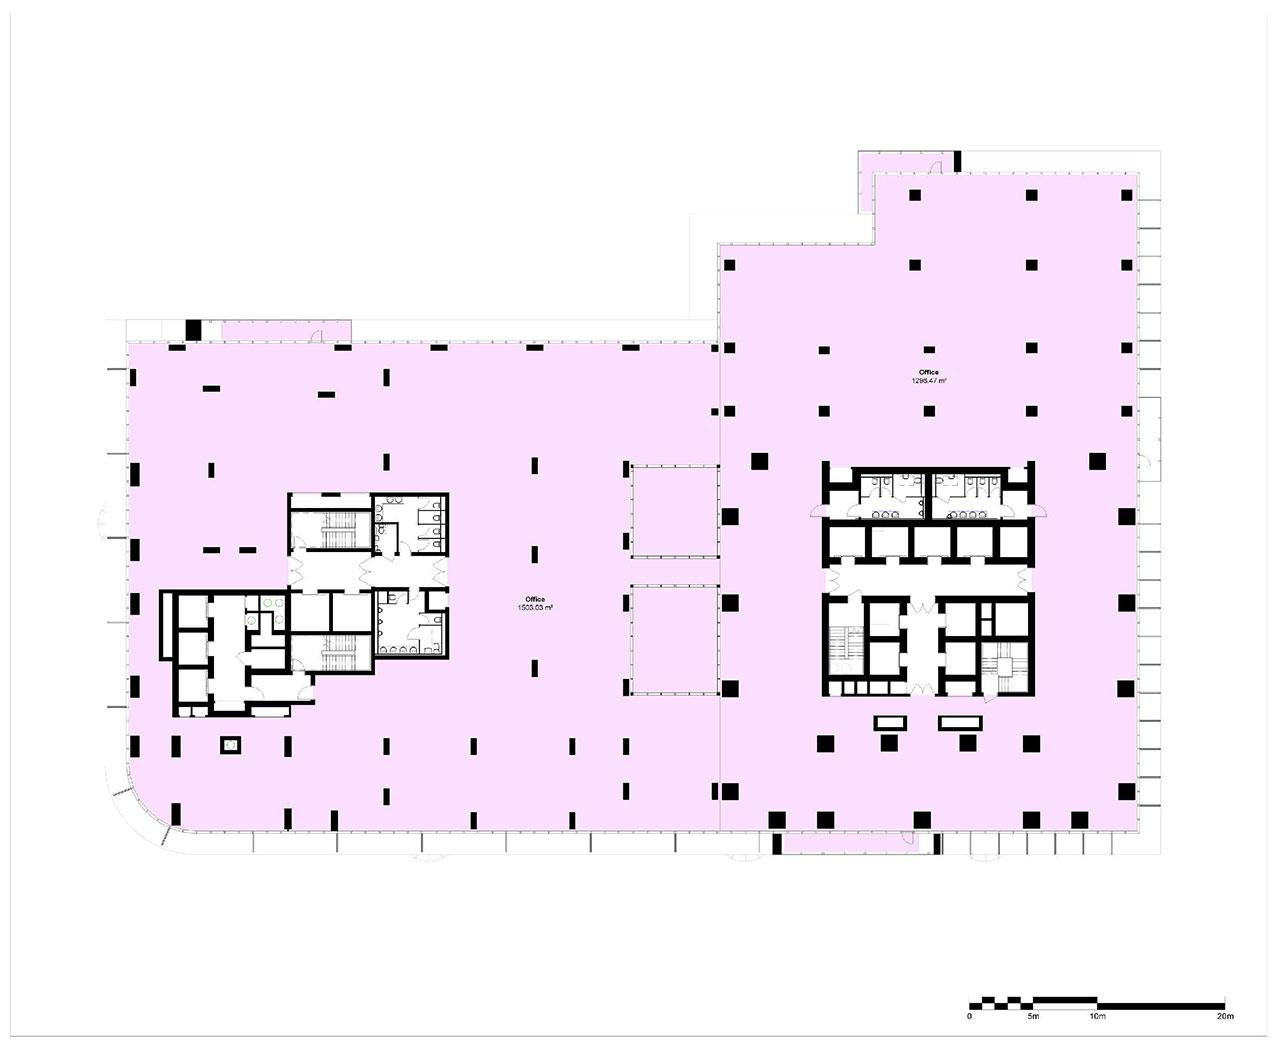 floorplan-office2